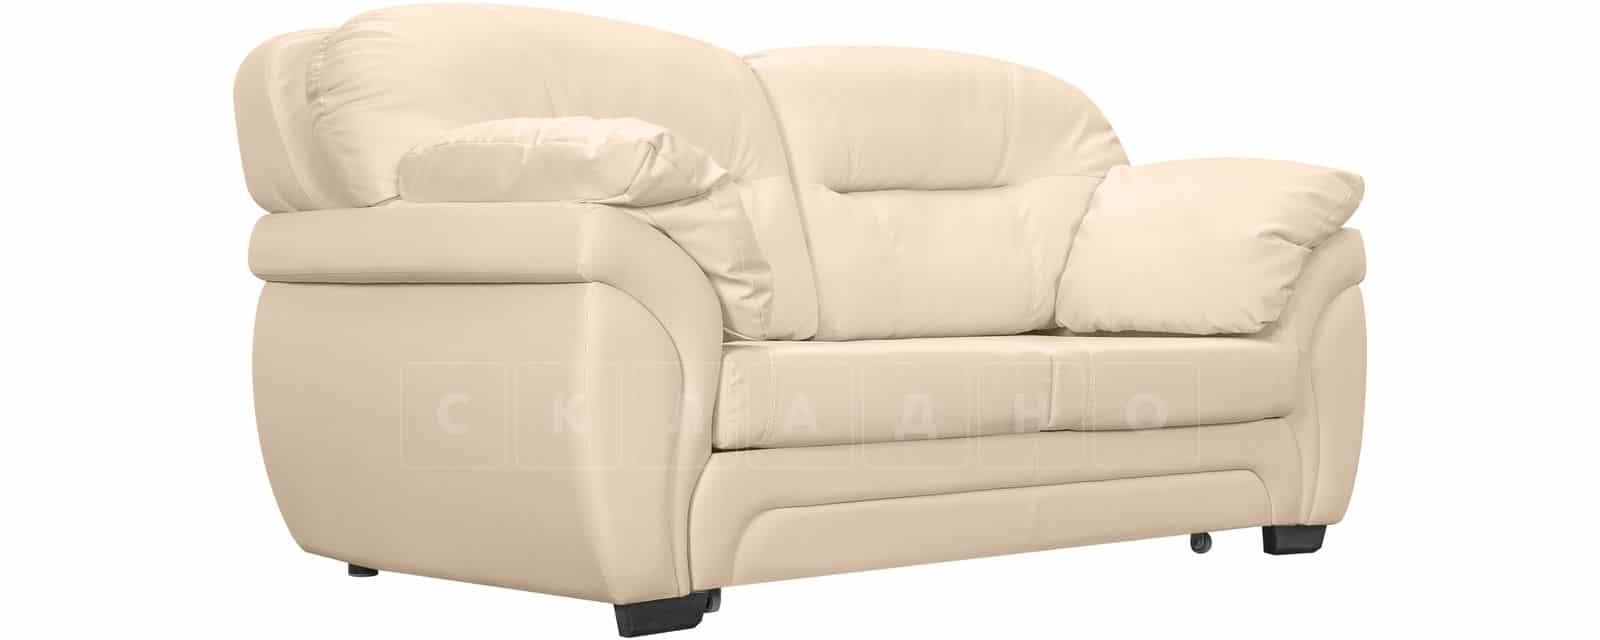 Диван Бристоль кожаный бежевого цвета фото 1 | интернет-магазин Складно